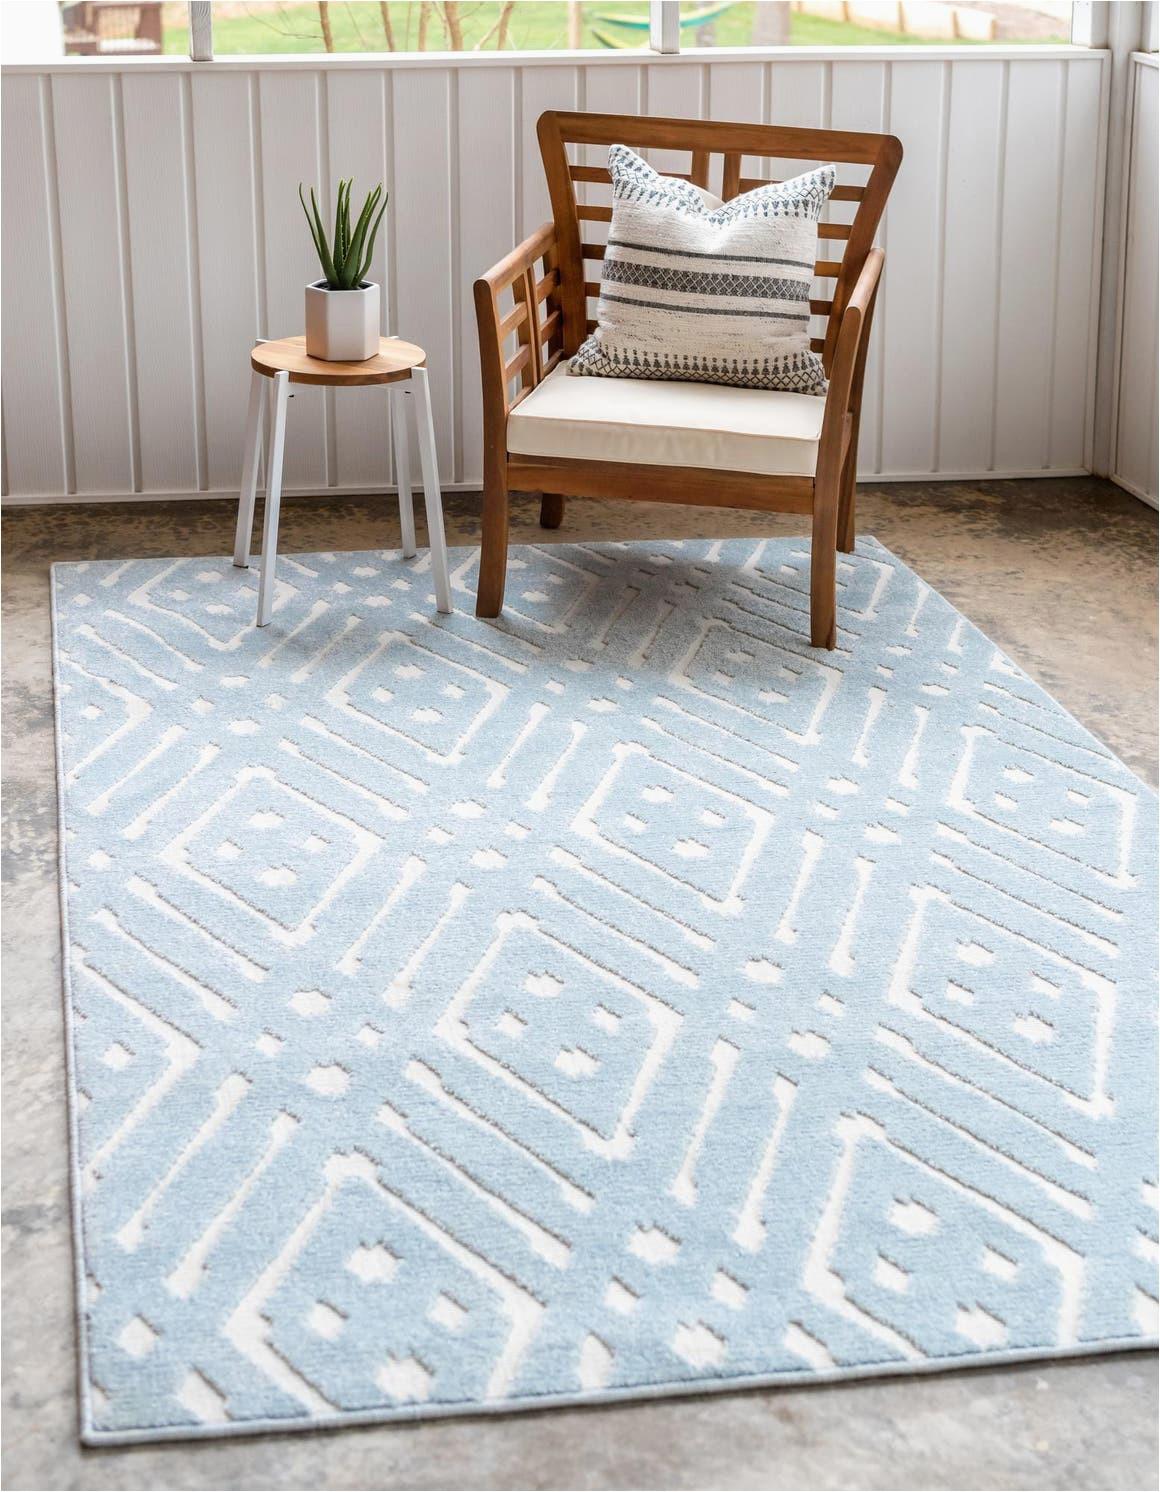 light blue 4x6 sabrina soto outdoor area rug